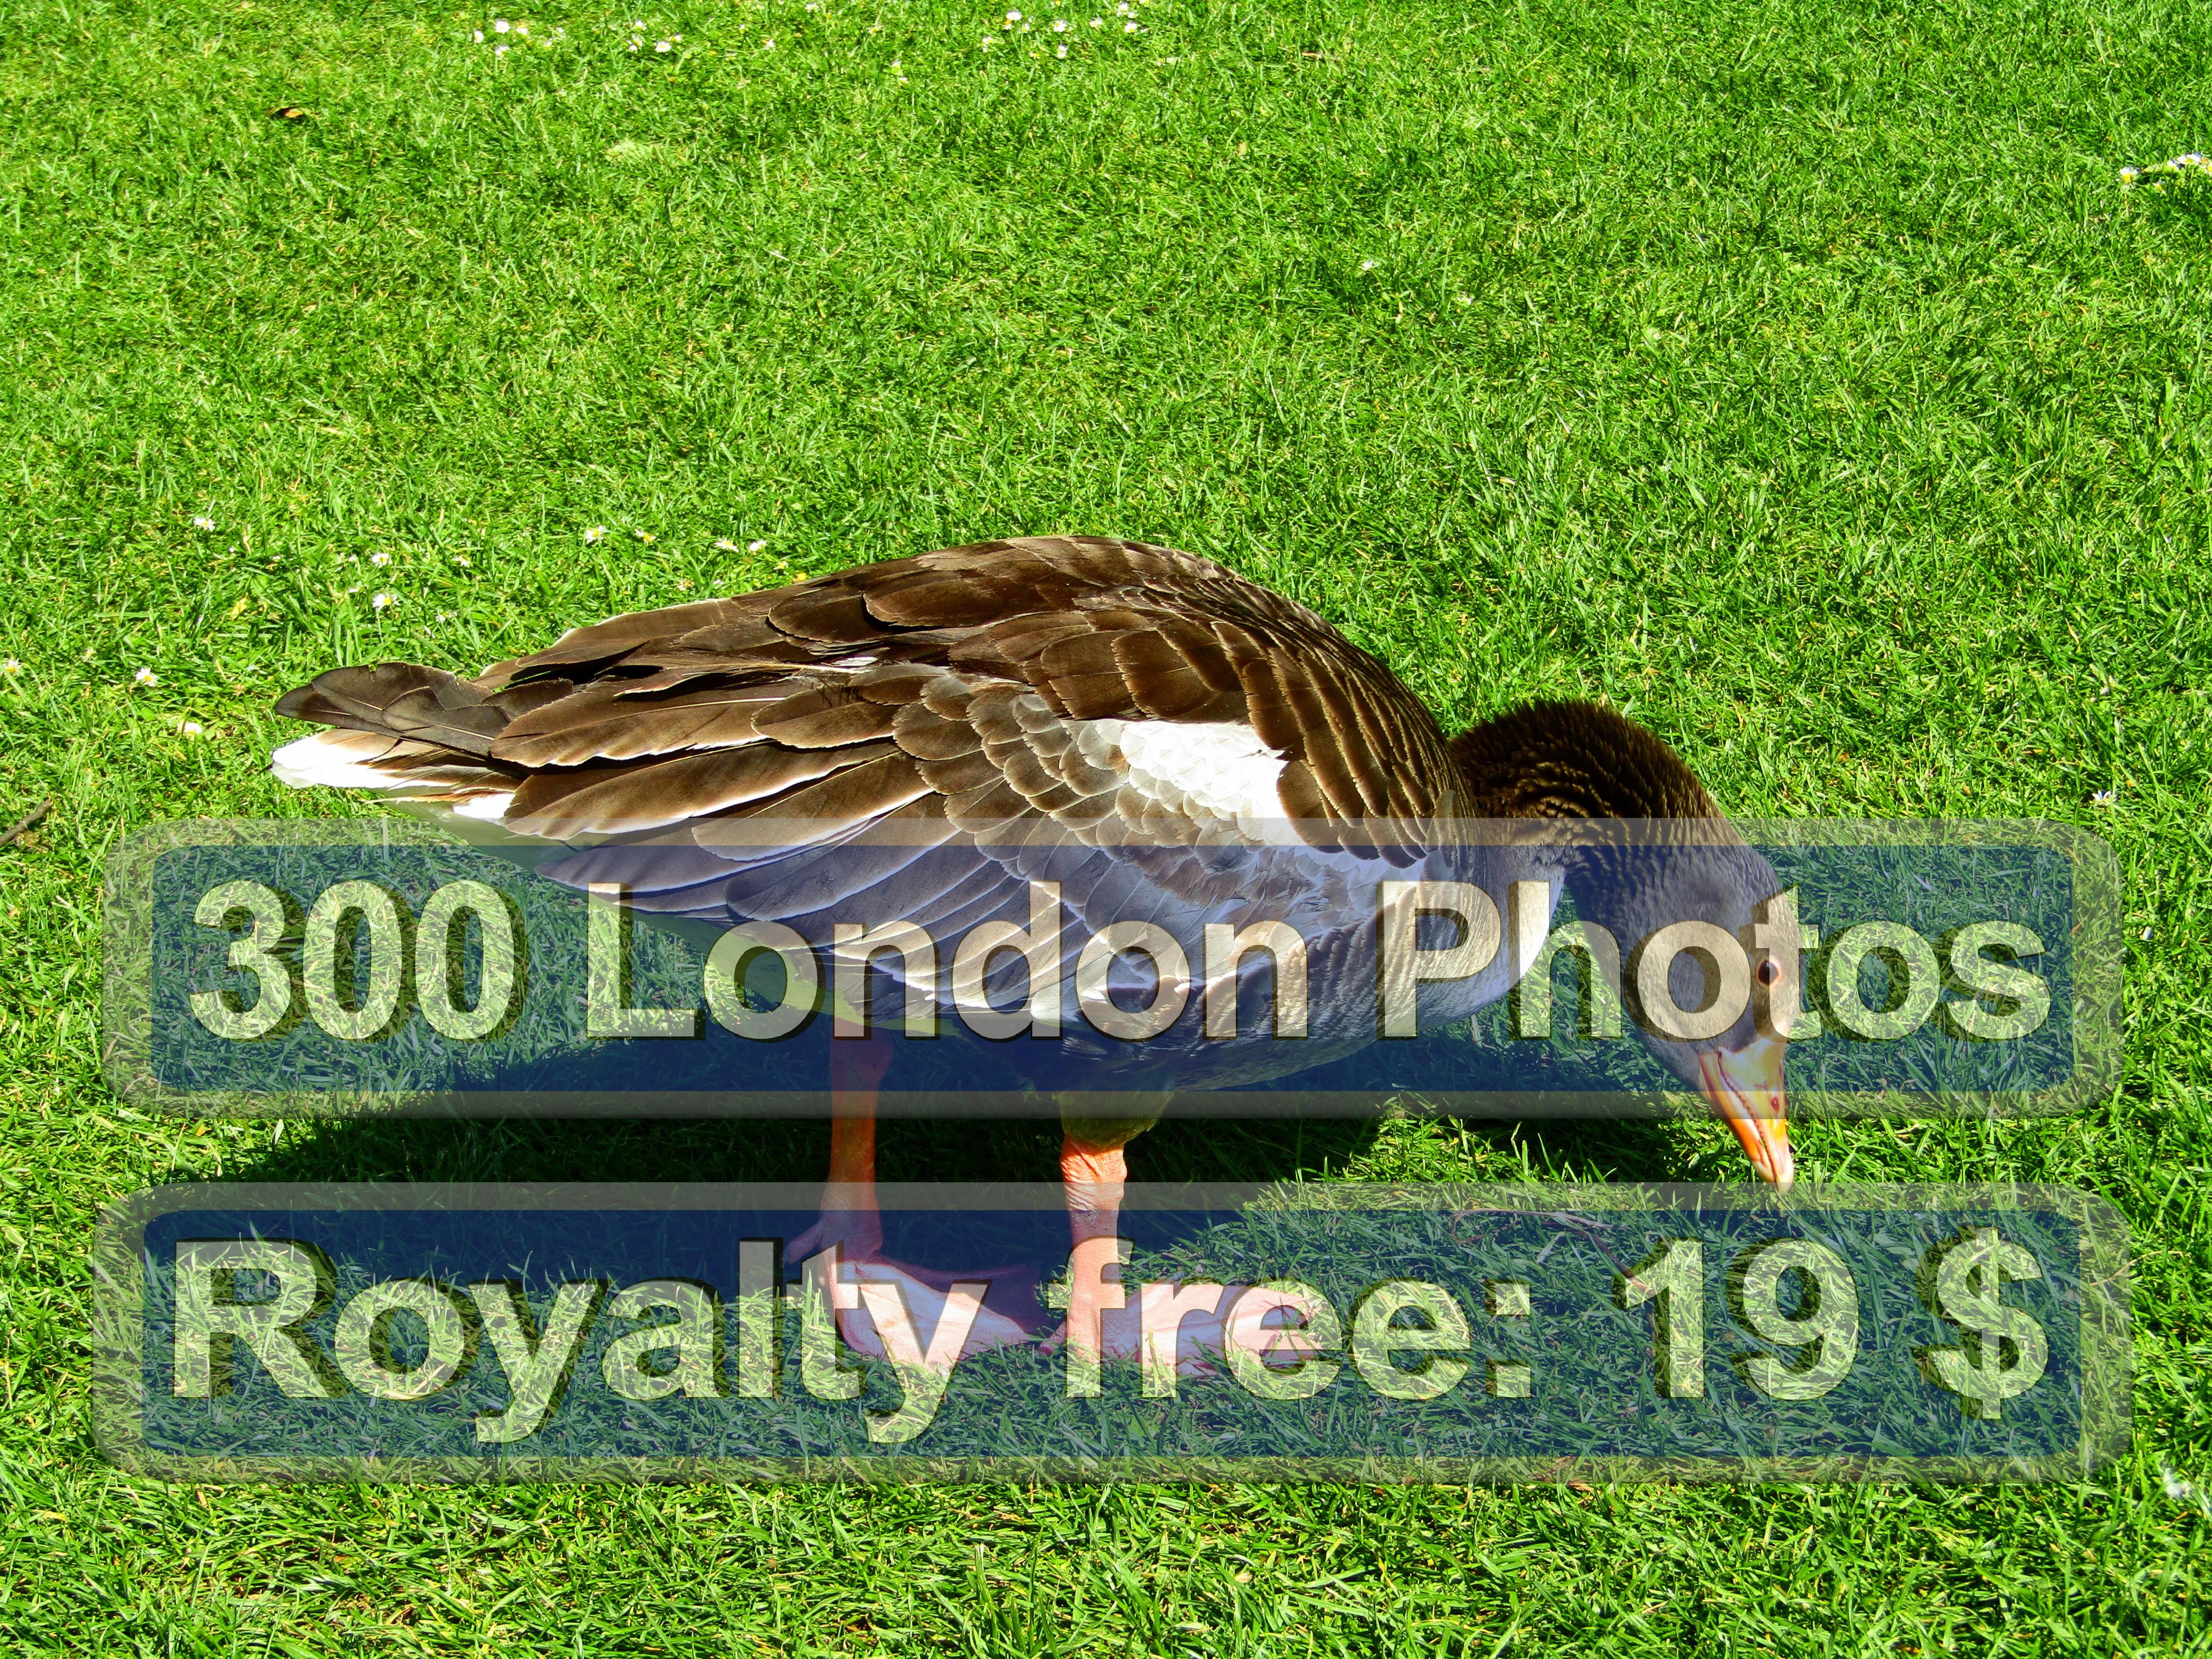 Robin G London Photography